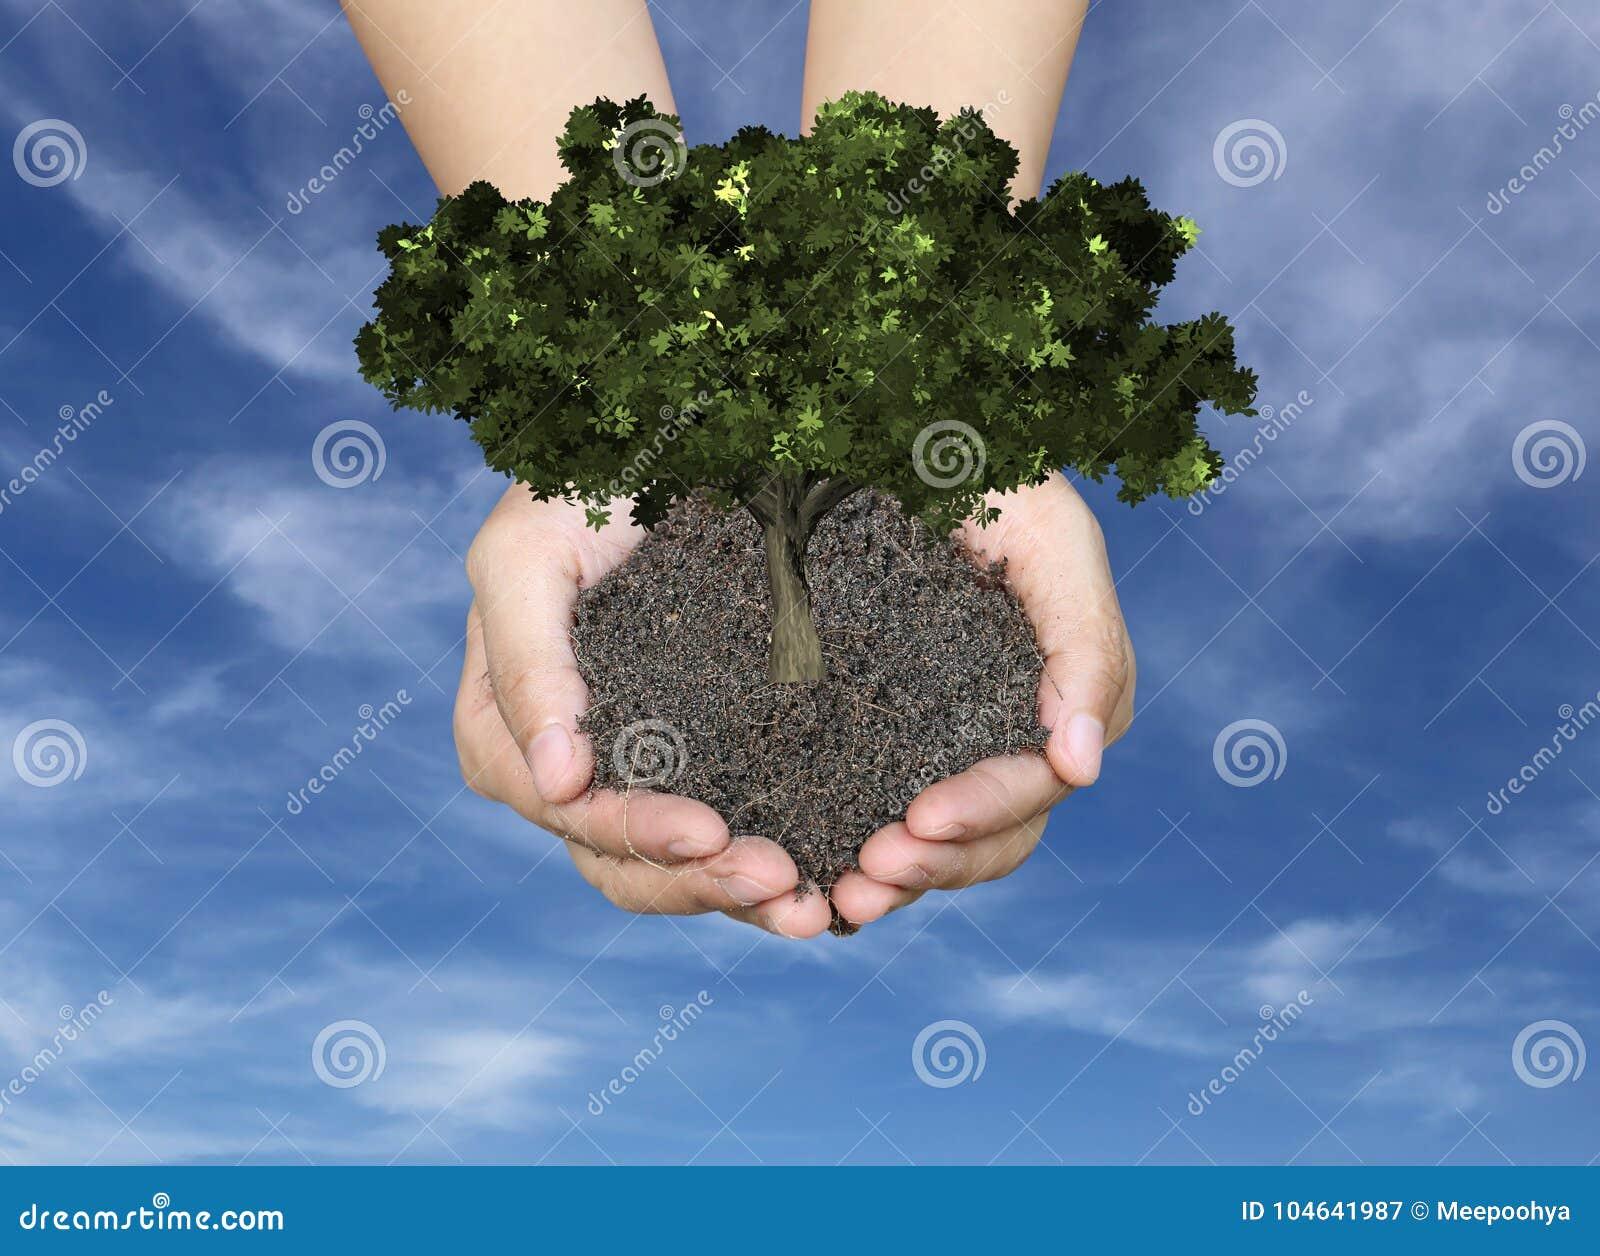 Download De Groene Boom Bij Mensen Overhandigt En Heeft Ter Plaatse Blauwe Hemelbackgrou Stock Afbeelding - Afbeelding bestaande uit growing, zaad: 104641987